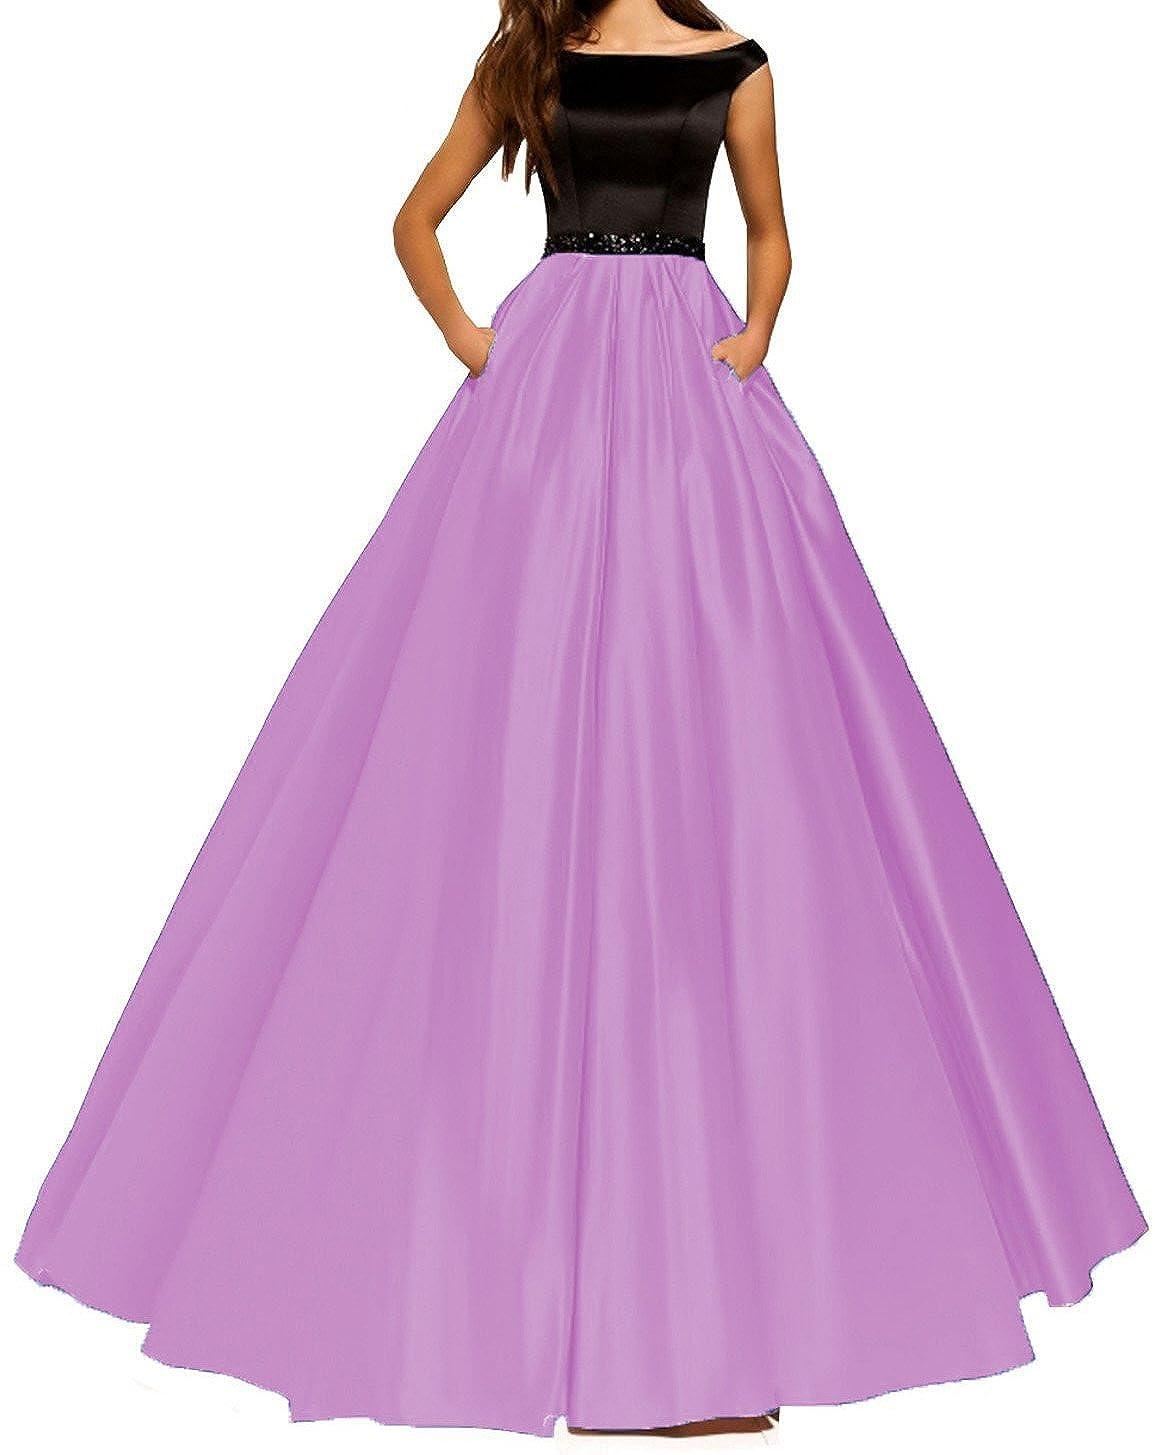 O.D.W Satin Lange Damen Formales Party Abendkleider mit Taschenkleid Ballkleider Vintage Brautkleider